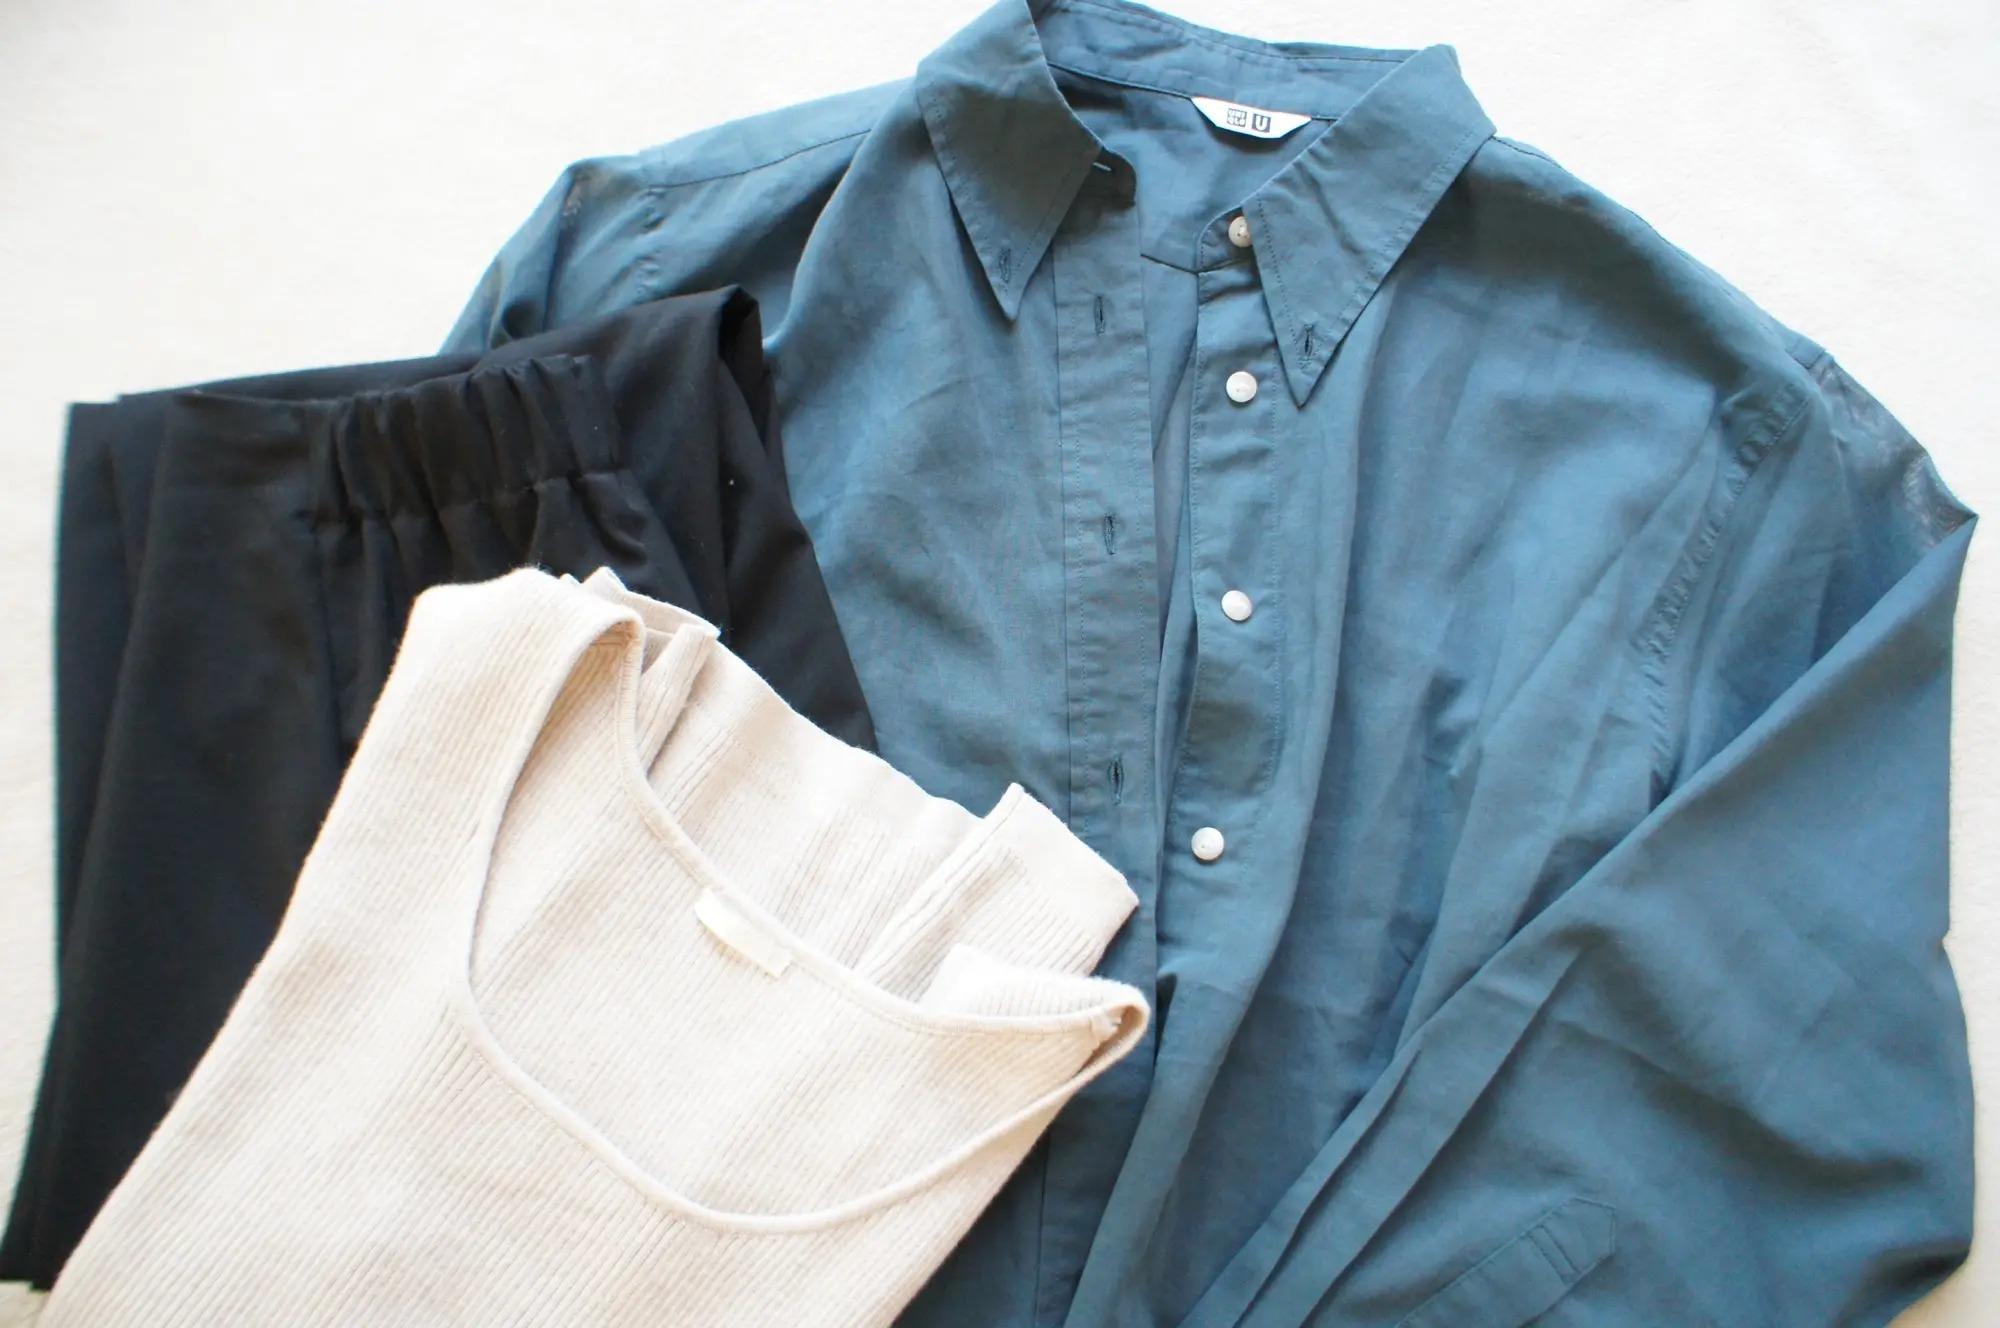 『ユニクロユー』、『GU』のプチプラ春コーデ♪ 赤スカートが気になる!【今週のモアハピ部ファッション人気ランキング】_3